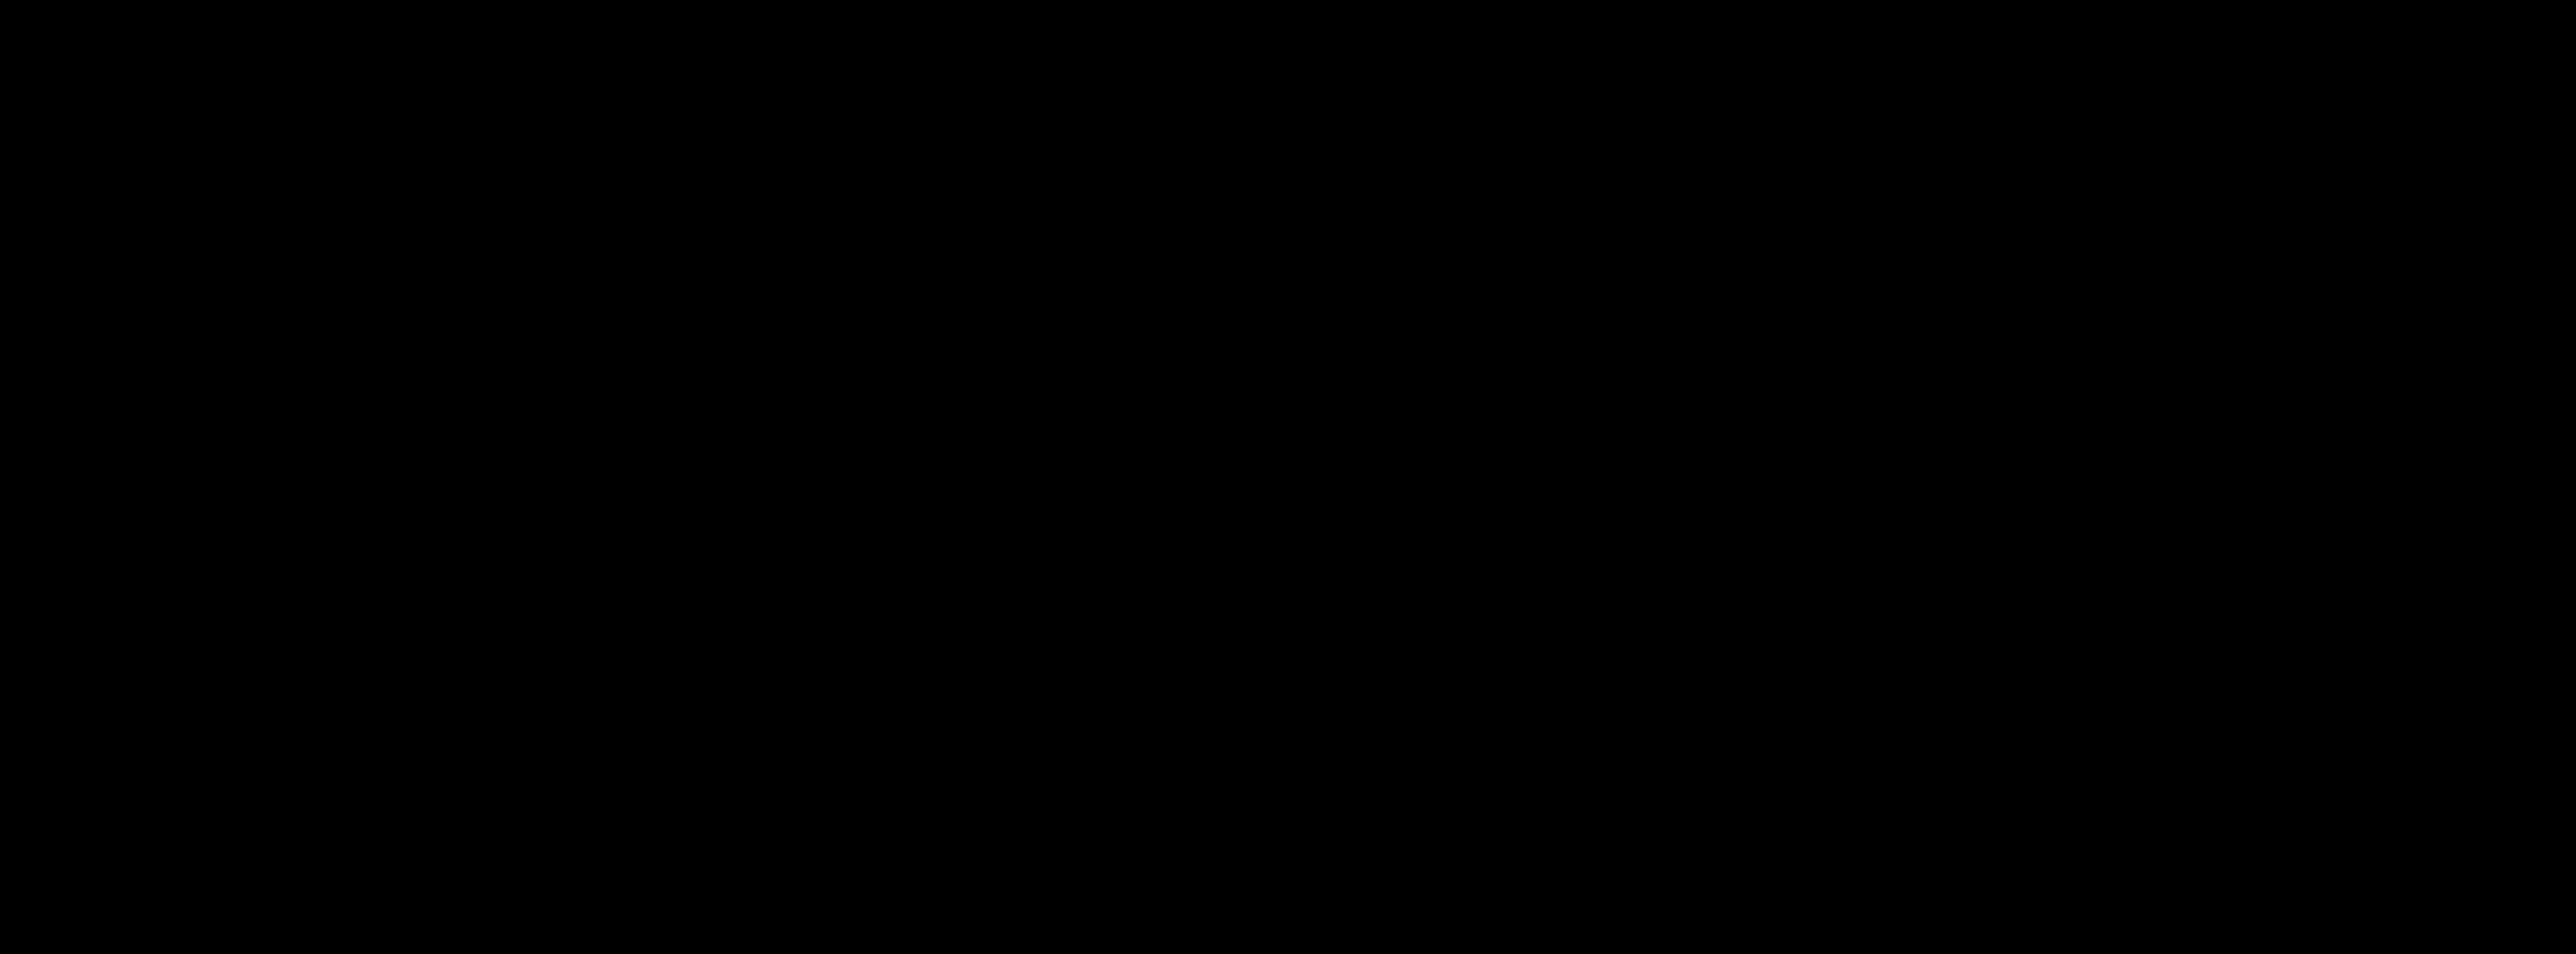 Ascenthium